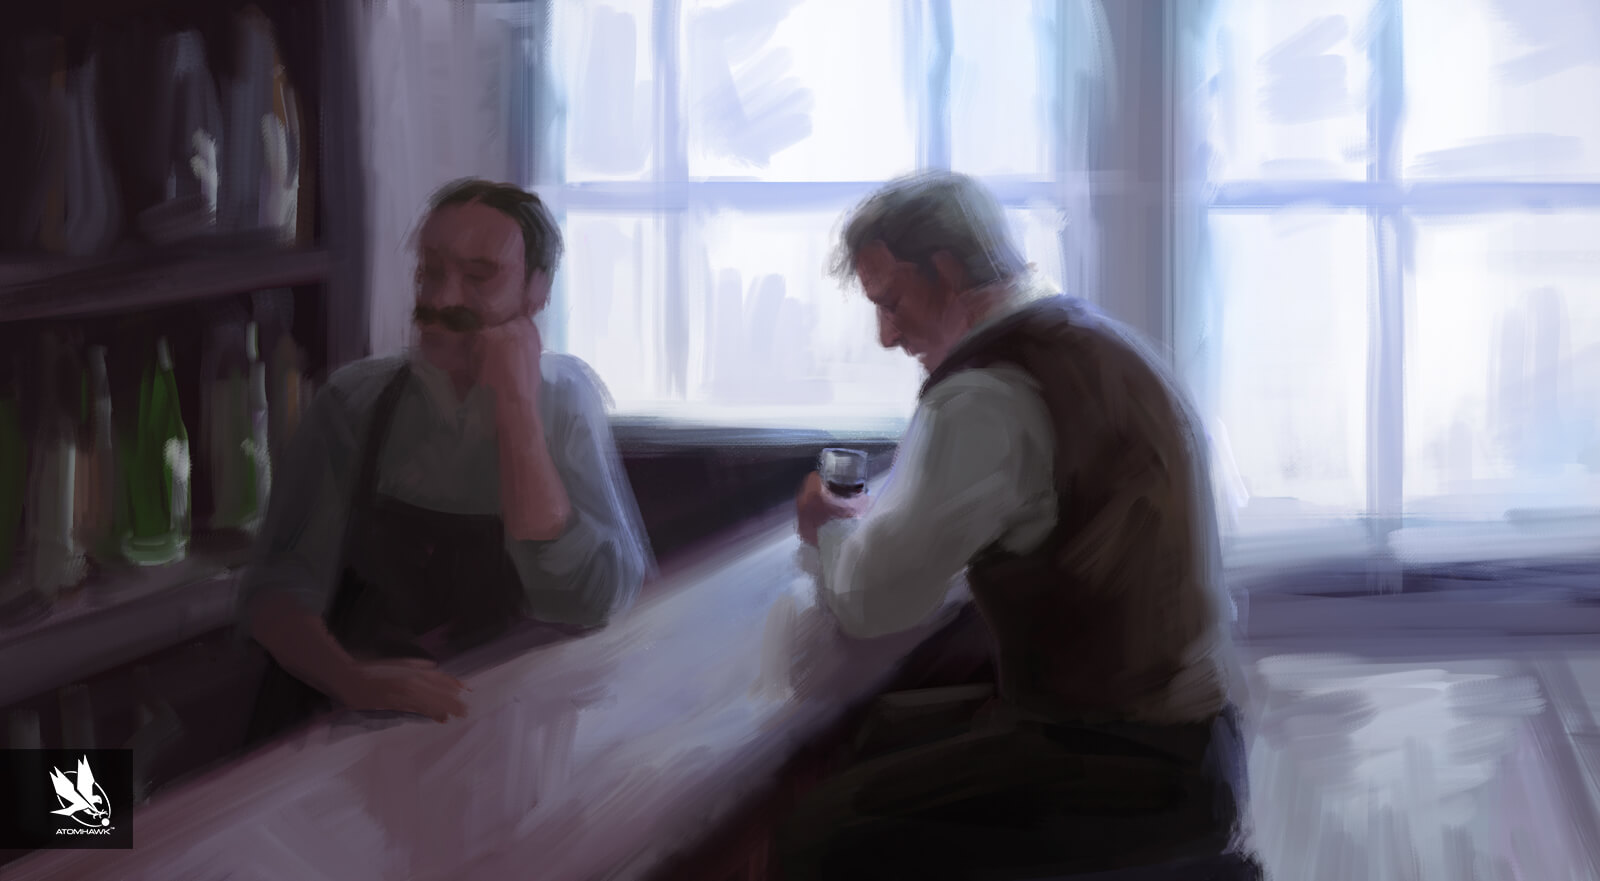 Aardman Studios - 11-11-Memories Retold Project - Concept Art - Harry the Drunk